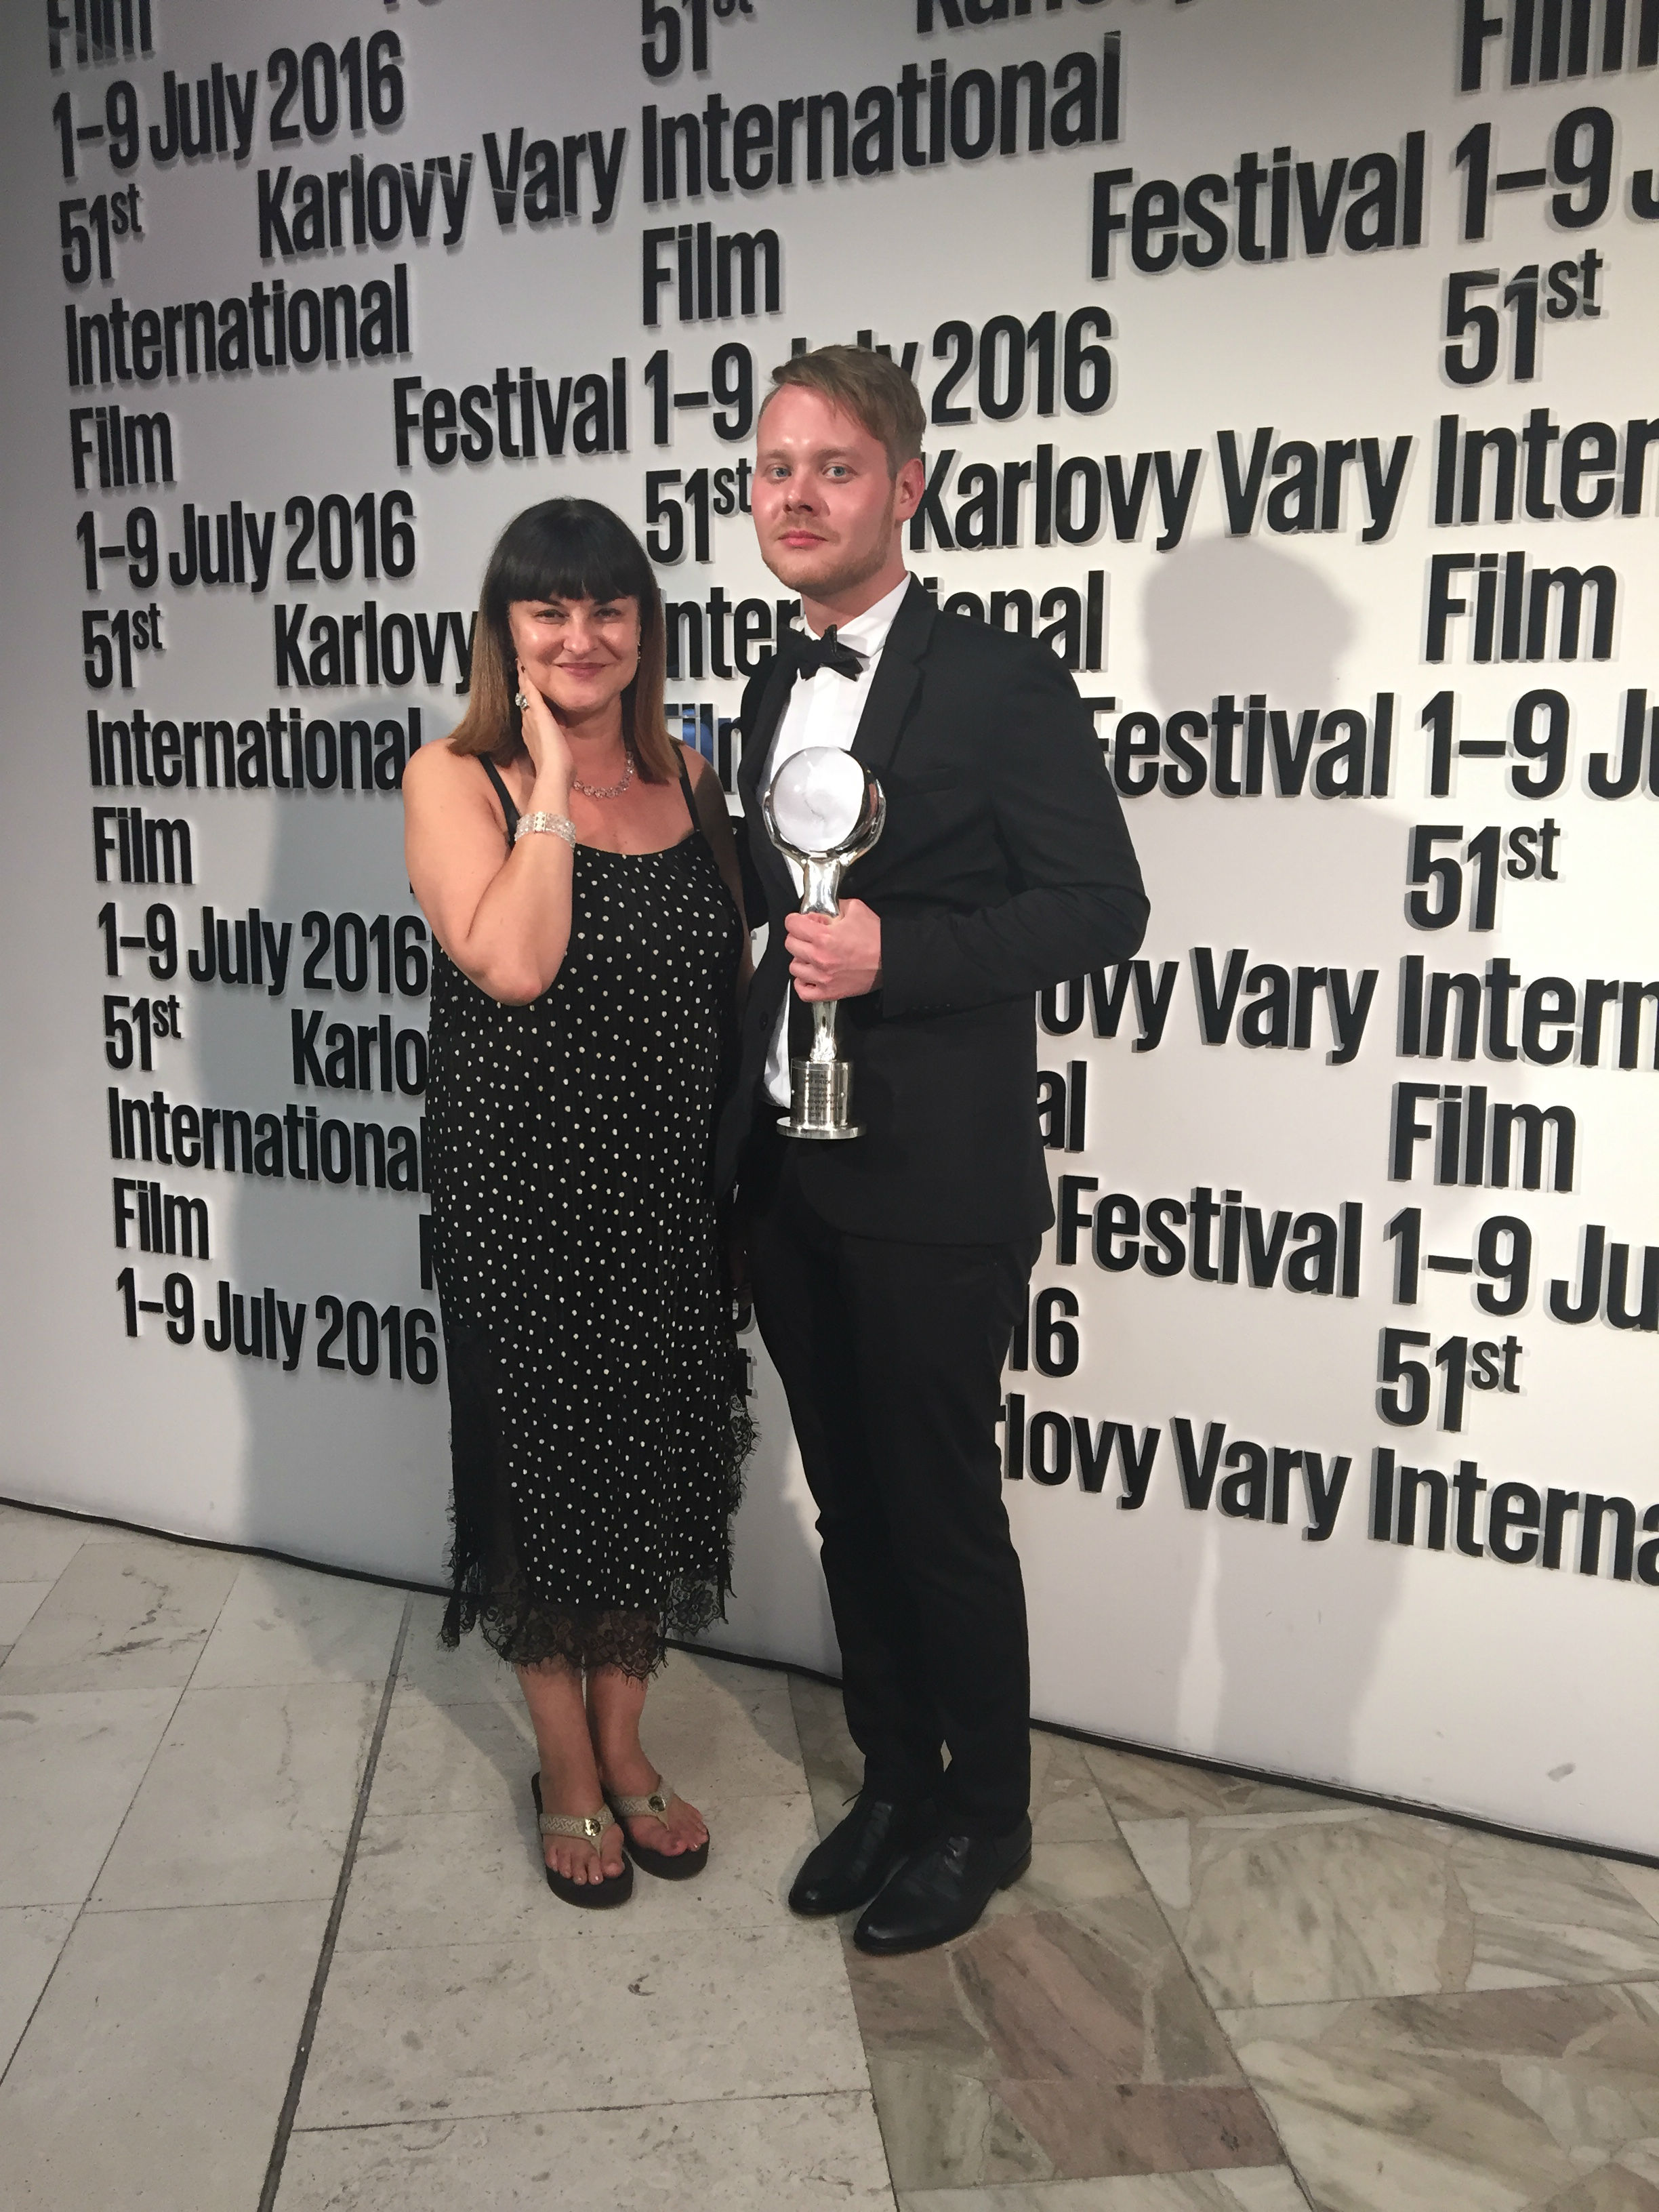 Ситора Алиева (программный директор Кинотавра) и Иван Твердовский. Фото пресс-службы фестиваля